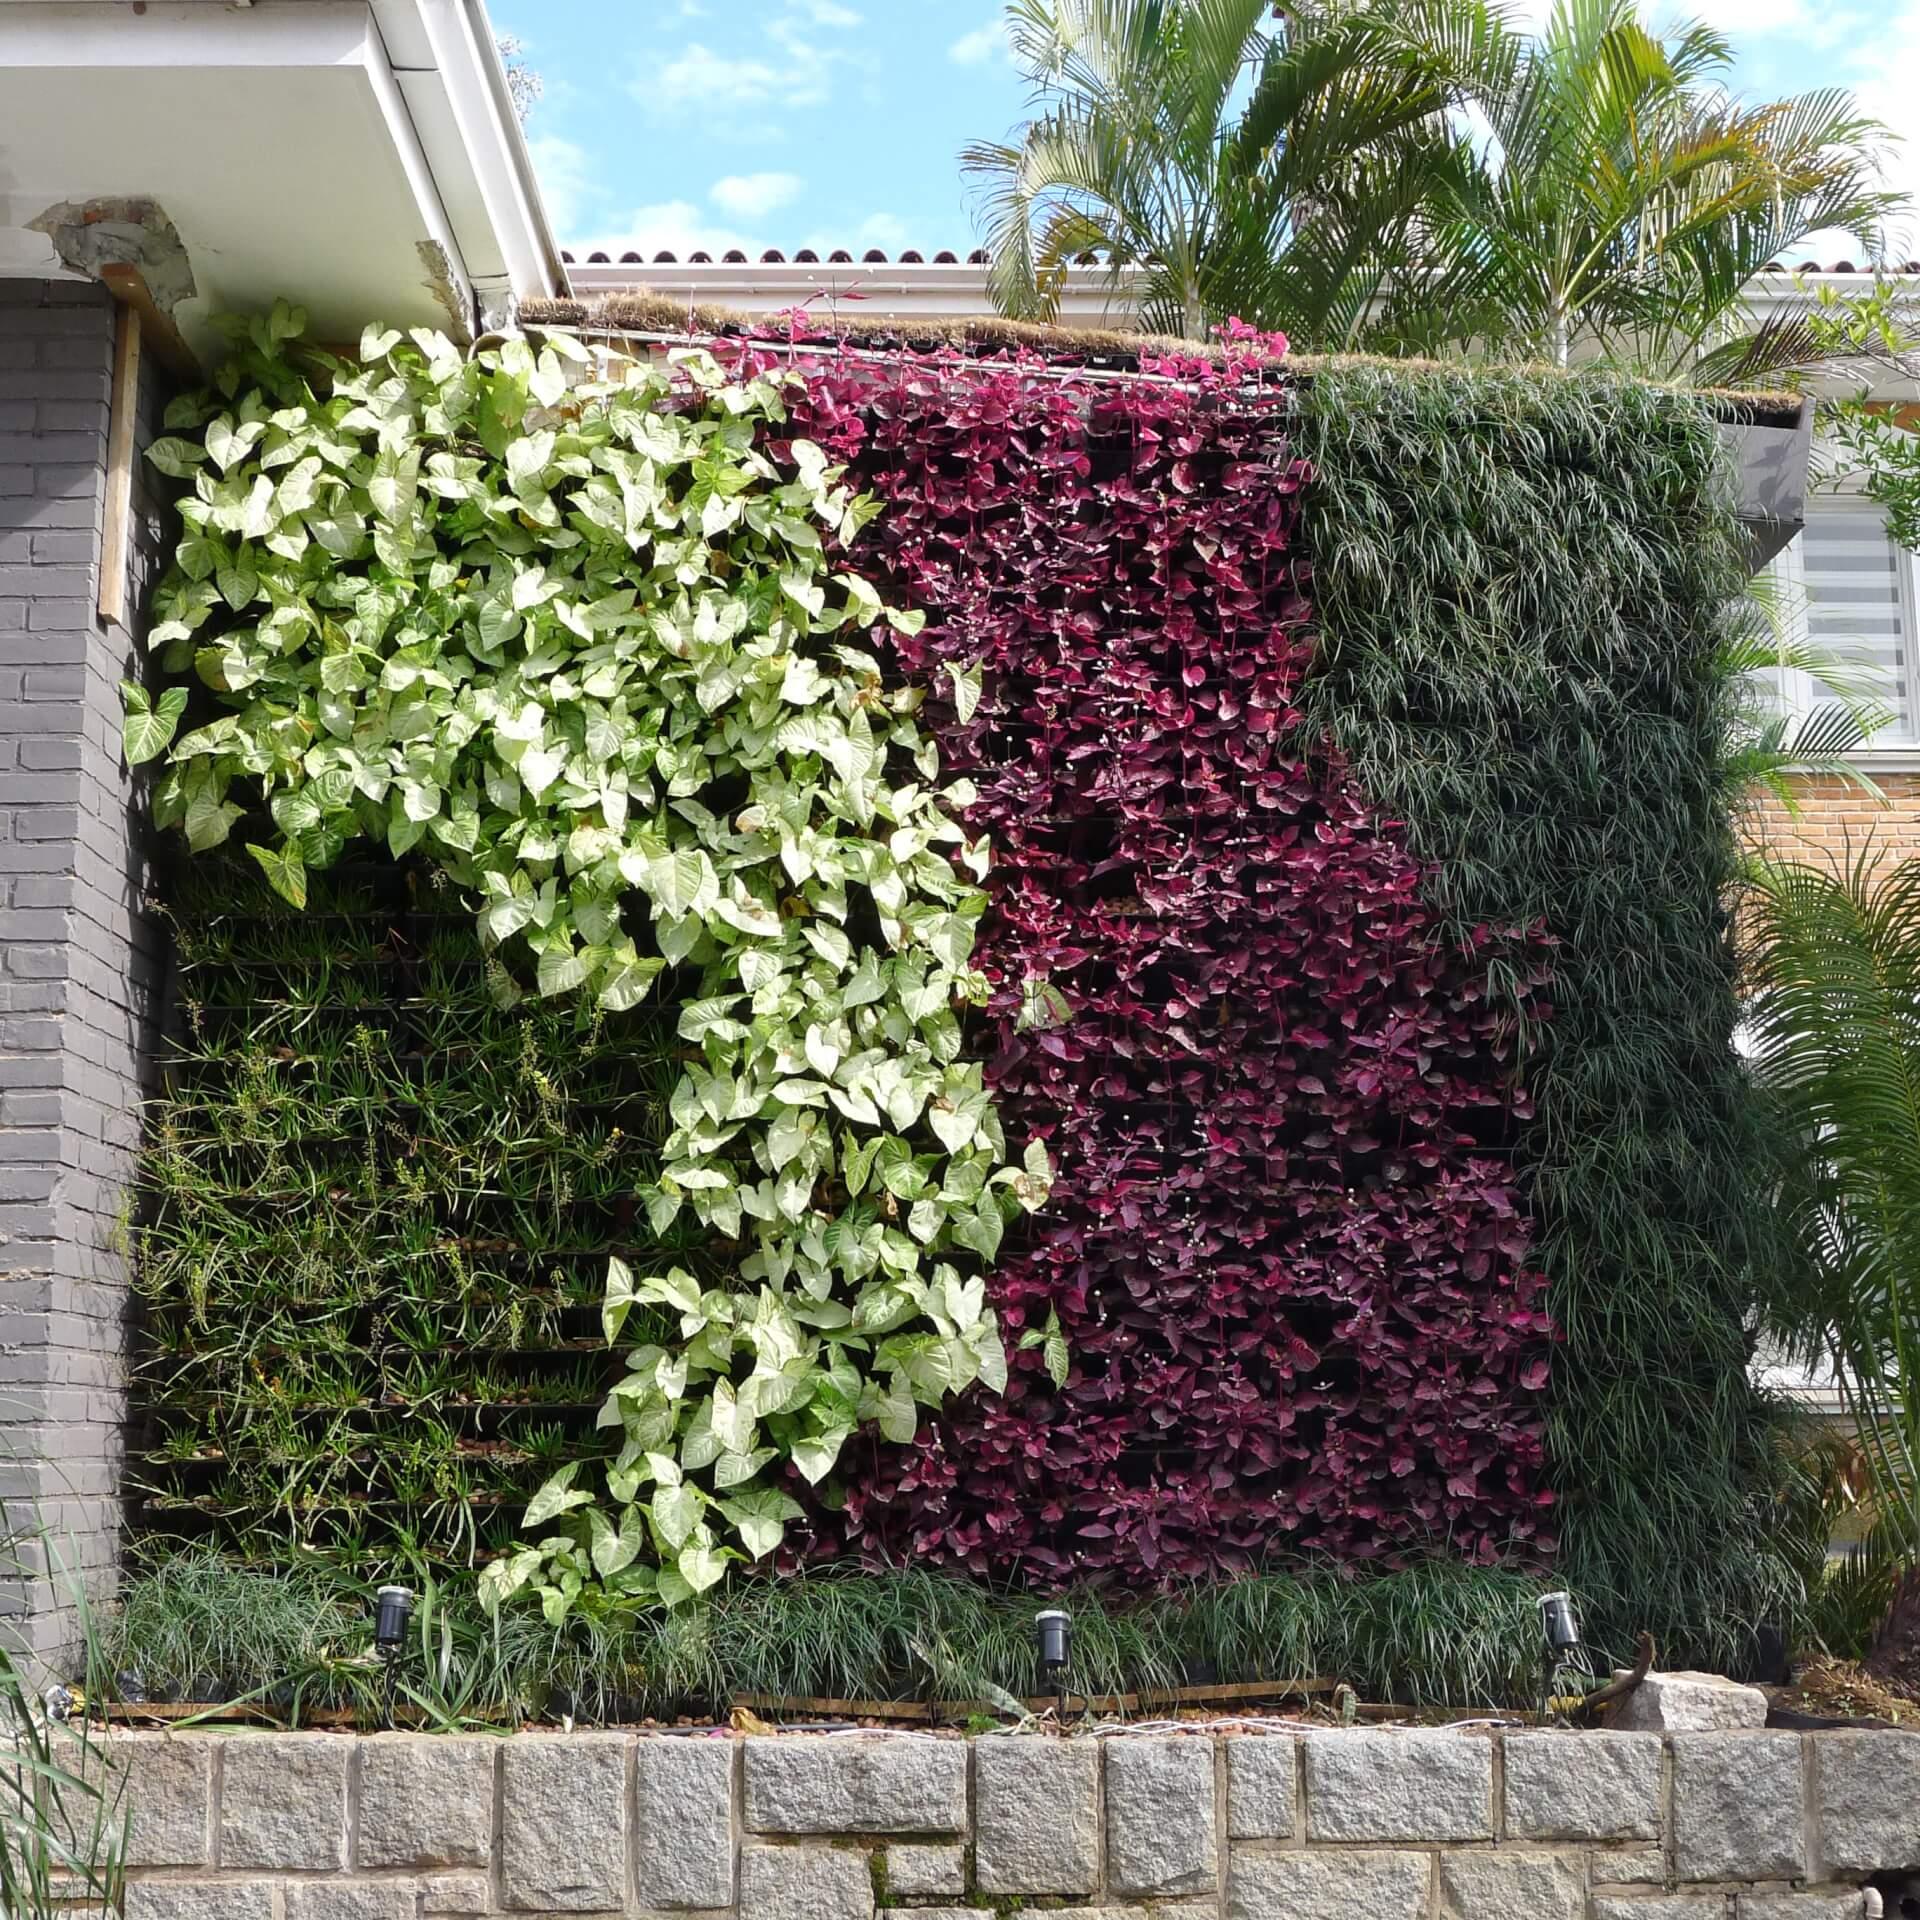 Galeria de Fotos Ecotelhado Ecotelhado #673441 2736x2736 Banheiro Com Jardim Vertical